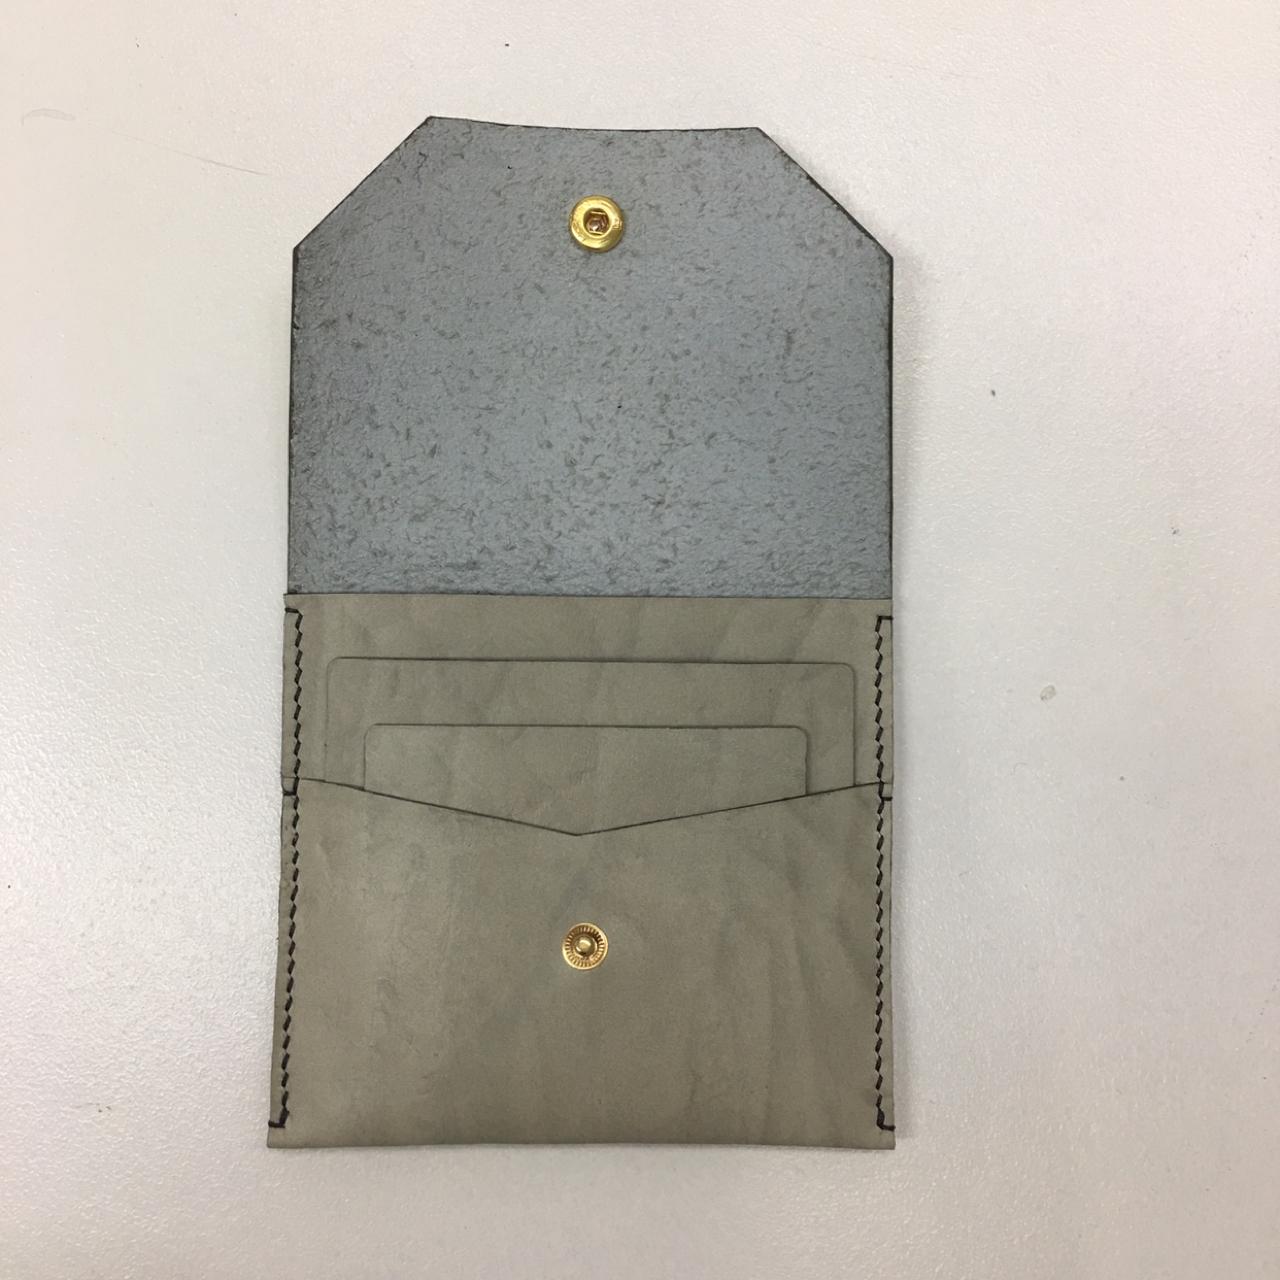 가죽공예 일일체험수업 : 카드 및 동전 겸용 지갑